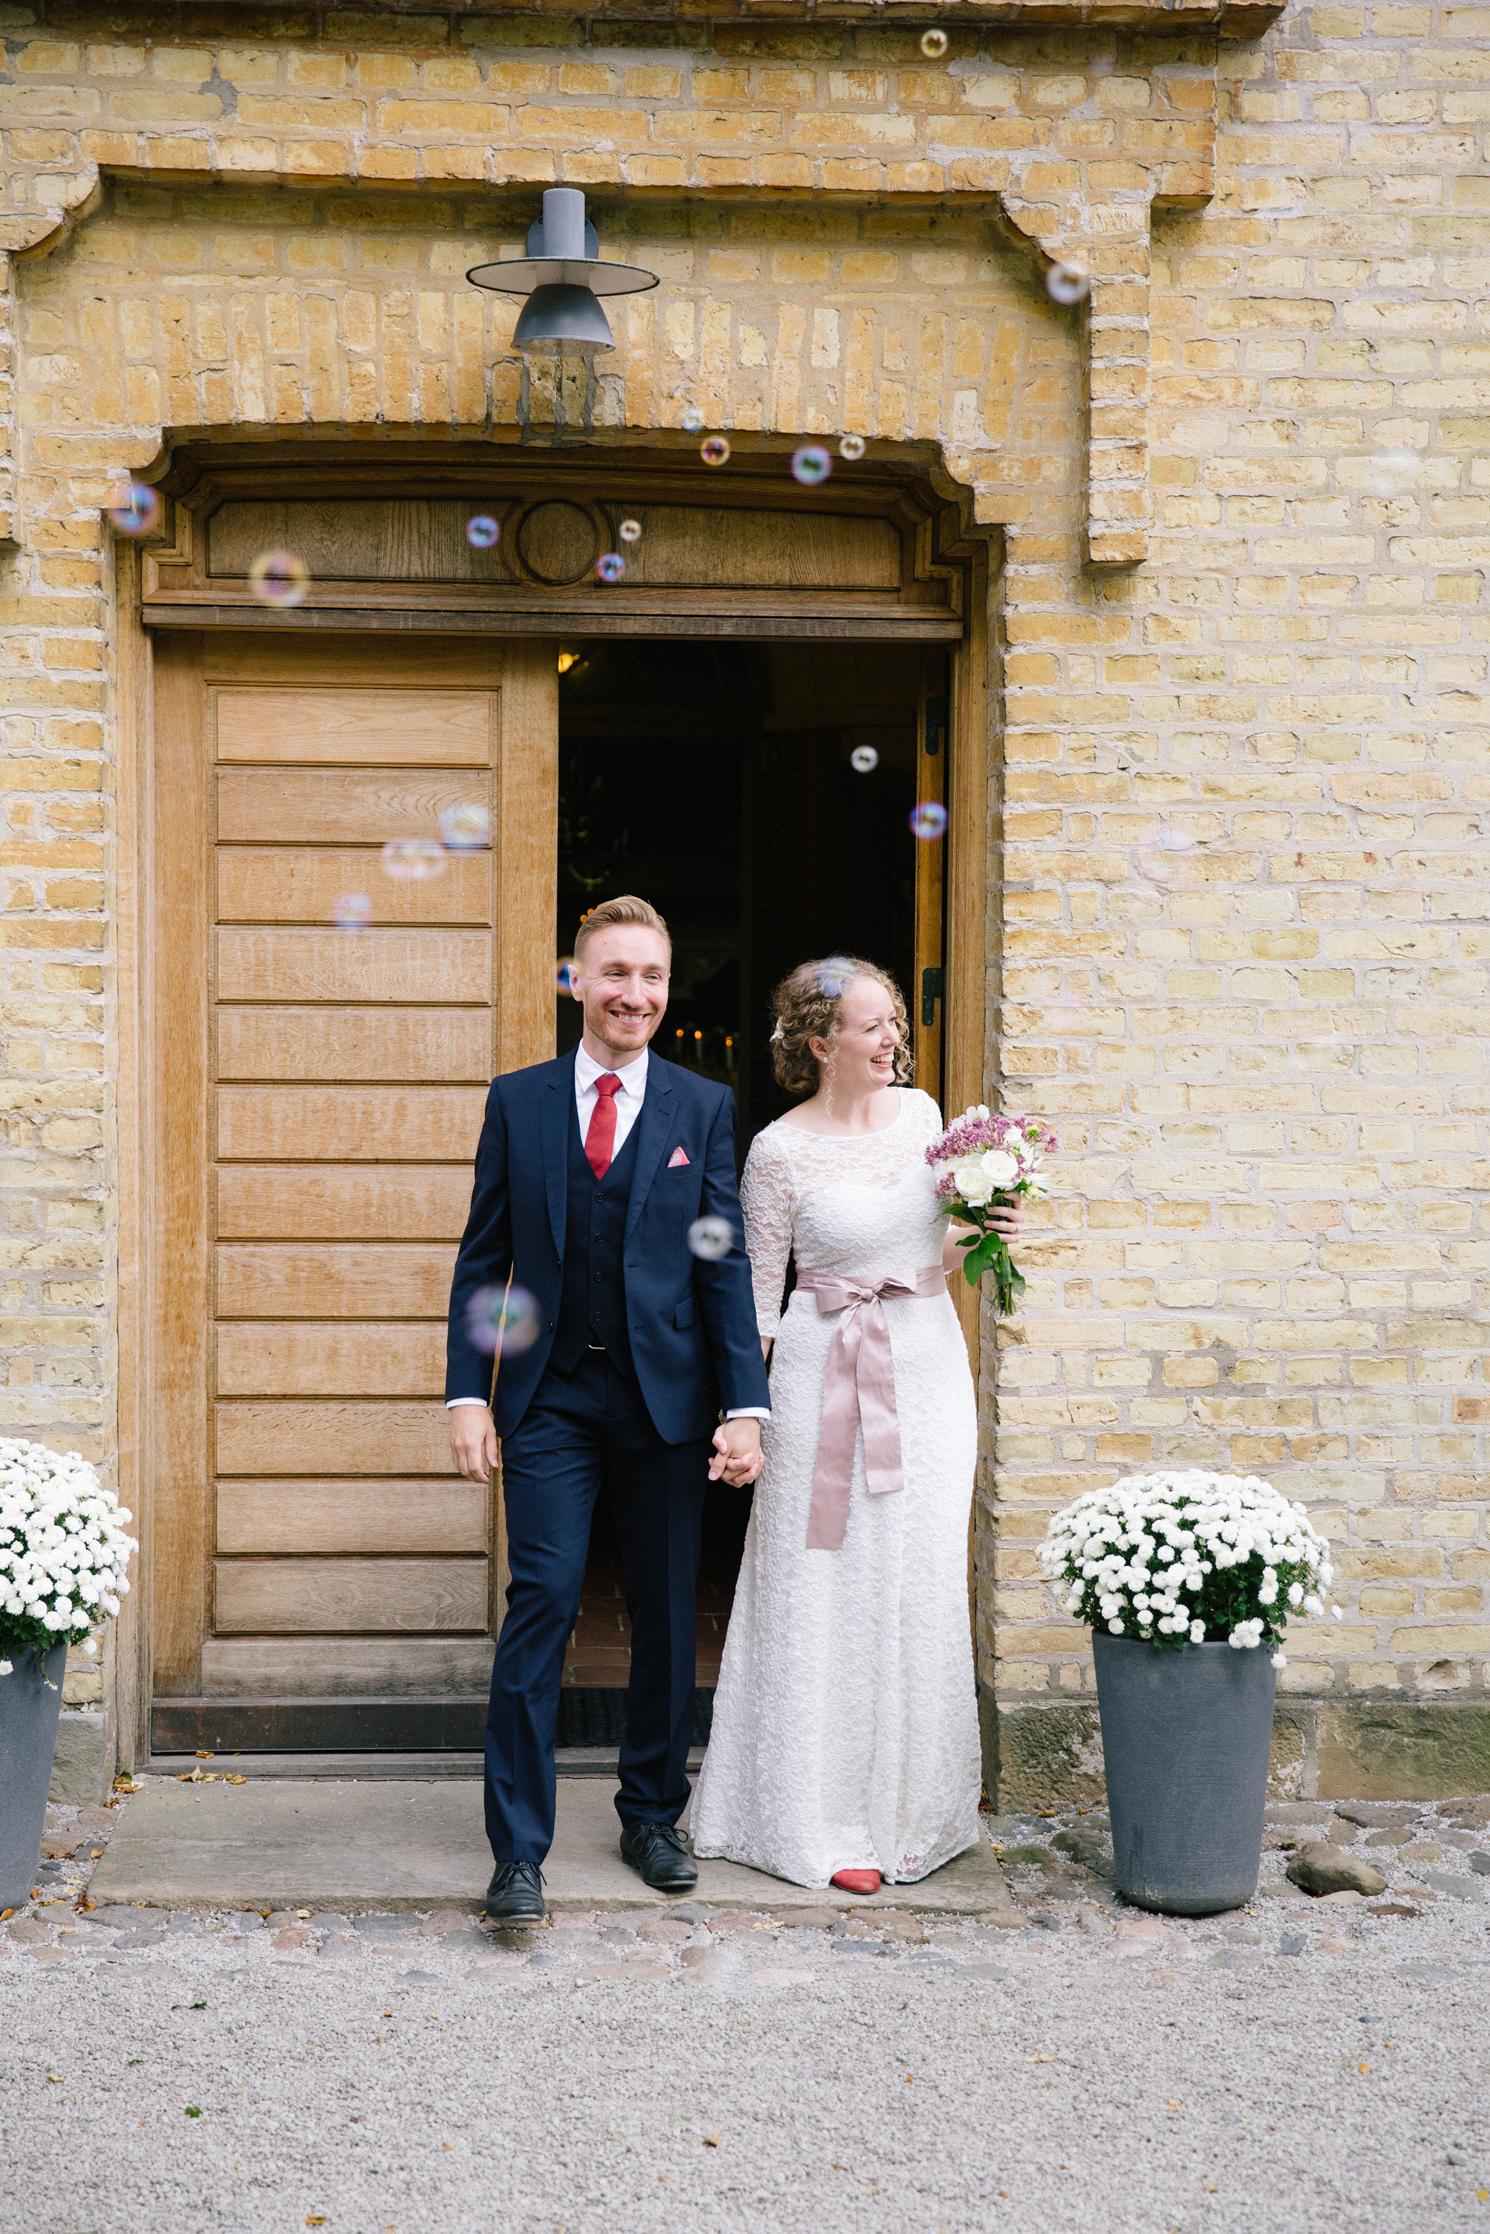 brollopsfotografering-maria-o-photo-vigsel-ortofta-slott-ortofta-kyrka-gratulationer-1